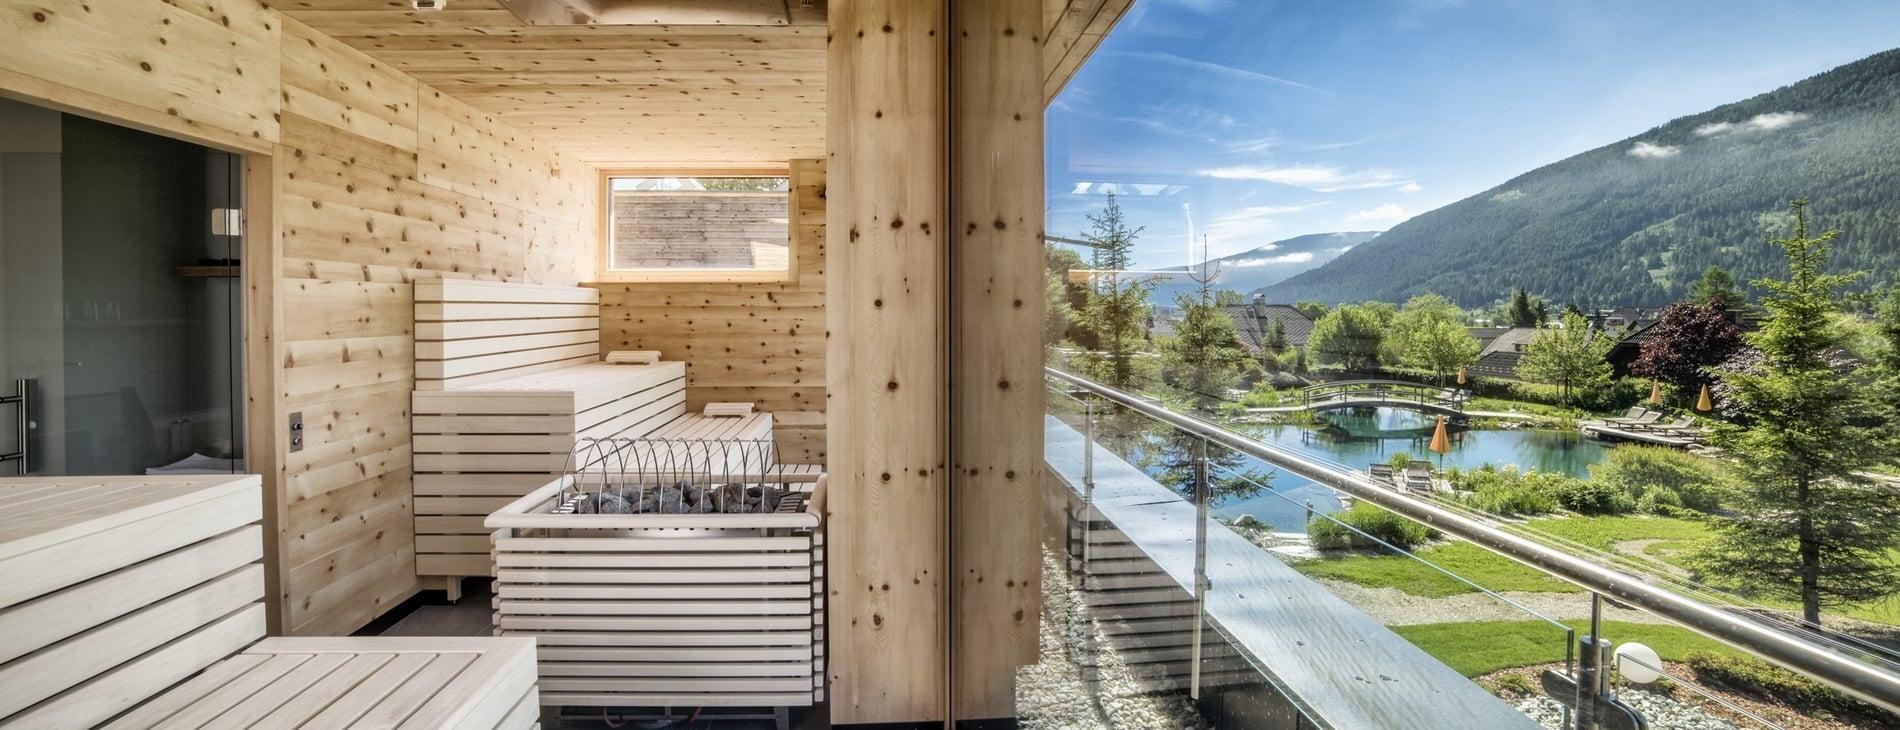 Relax esclusivo al vostro wellness hotel in Austria